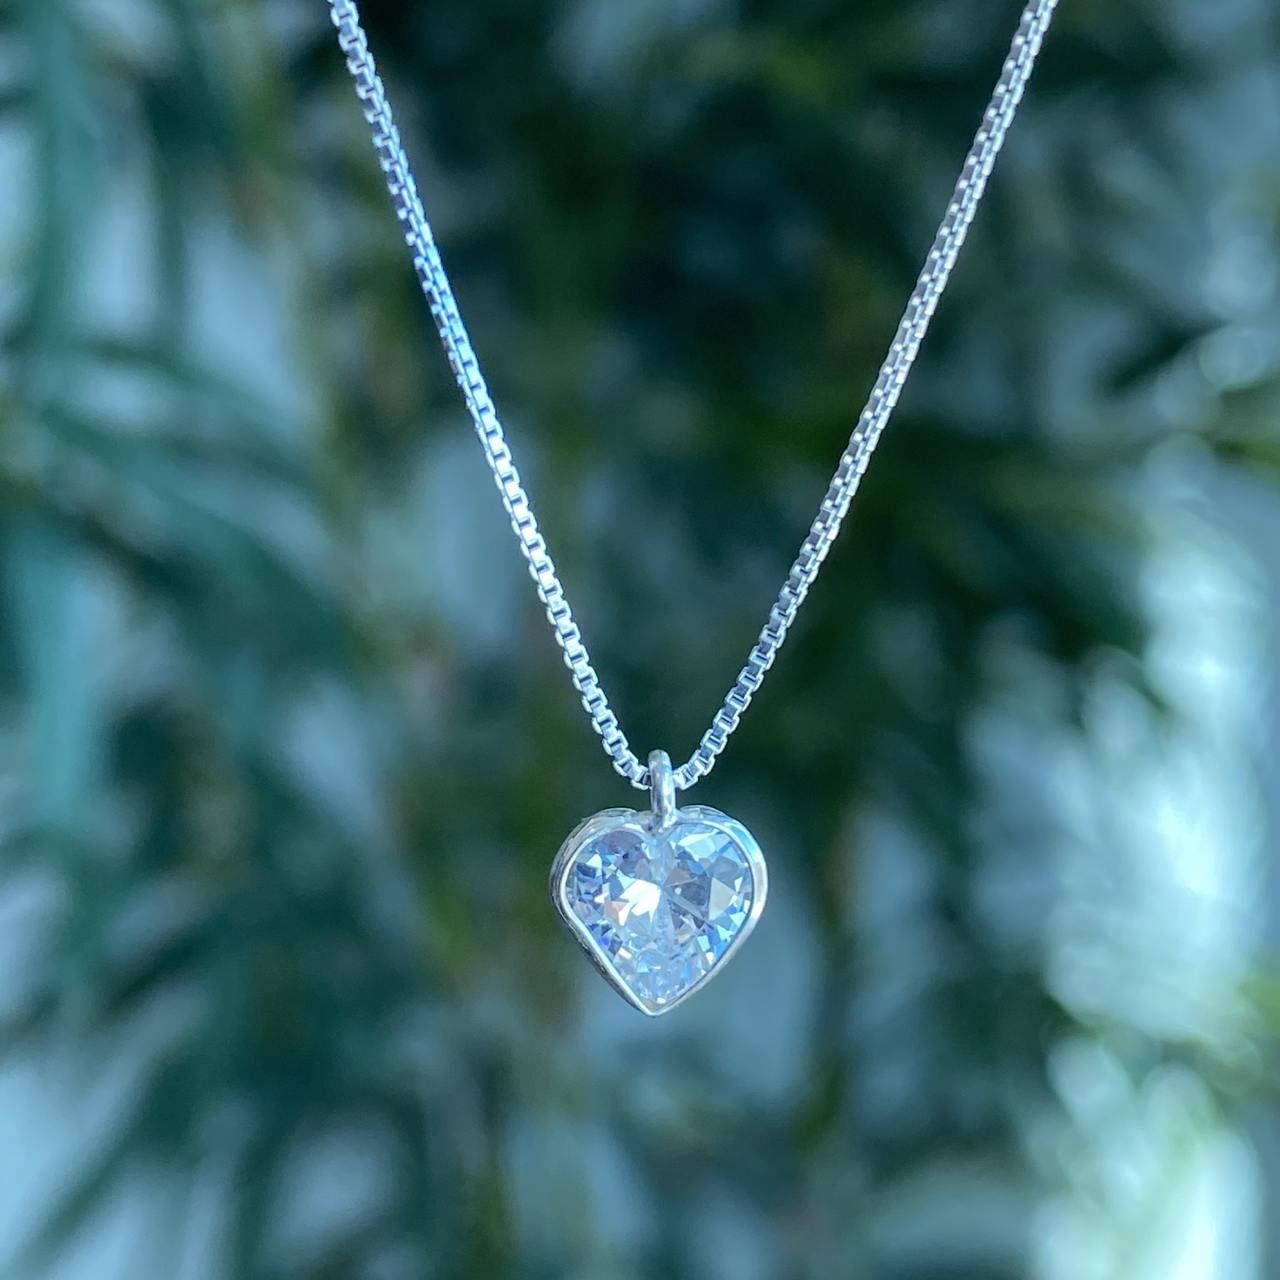 Colar de Prata 925 Ponto de Luz Zircônia Coração C/ Corrente